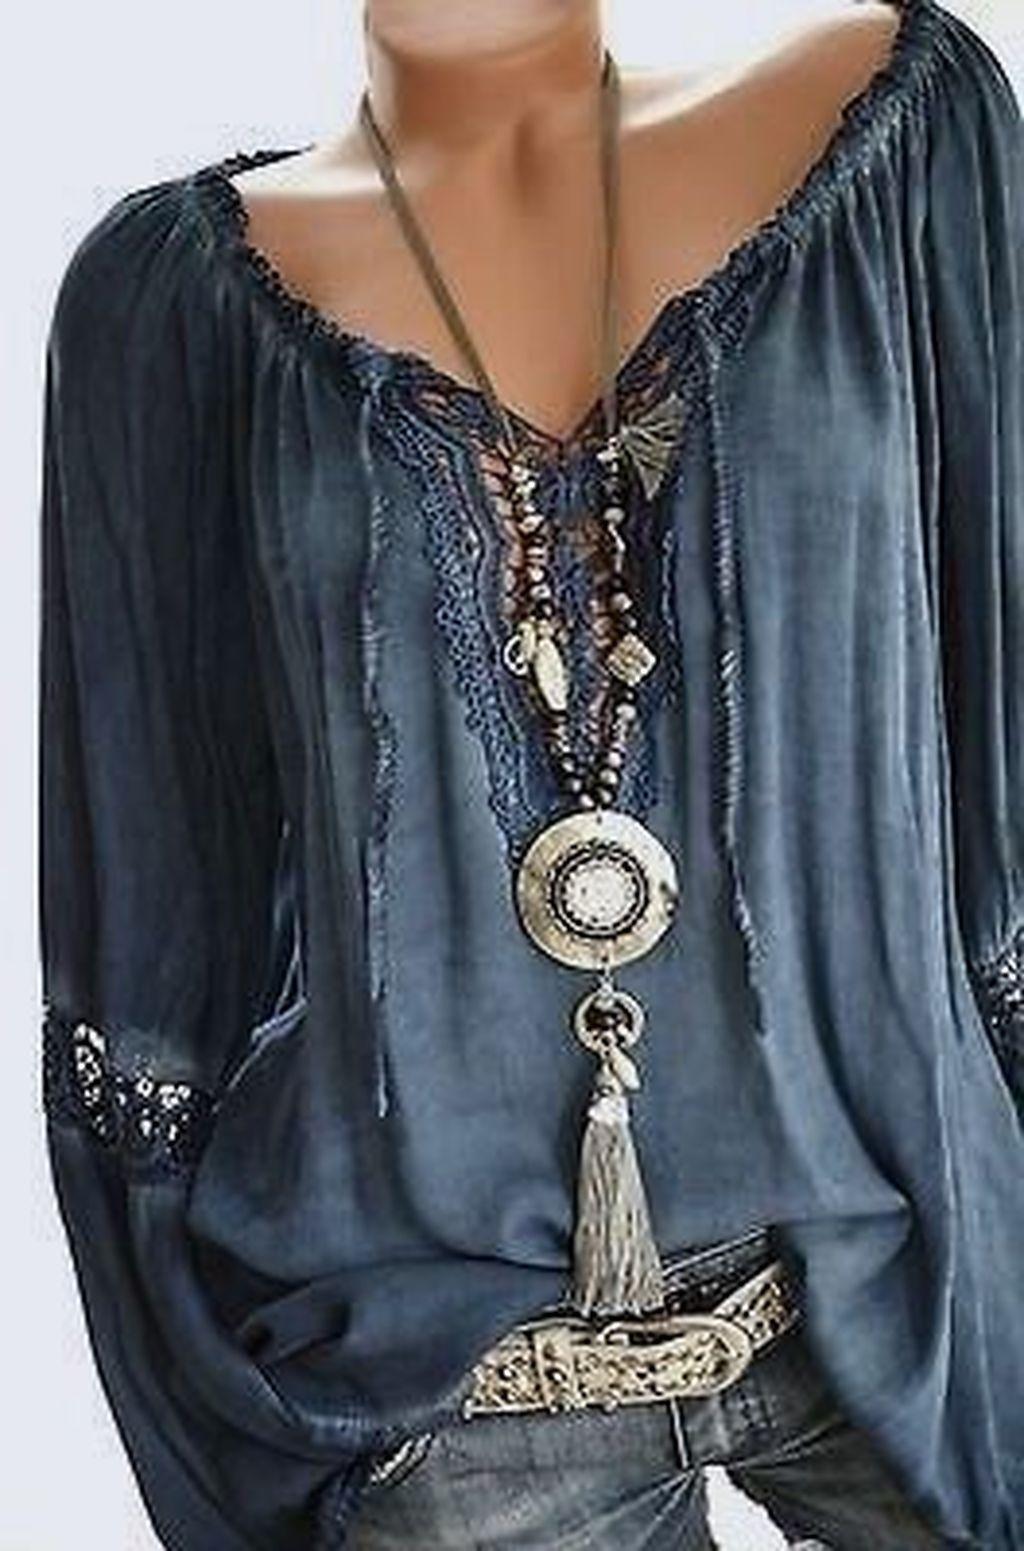 Pin by Sarah Helton on My Style | Moda, Ropa hippie, Moda boho